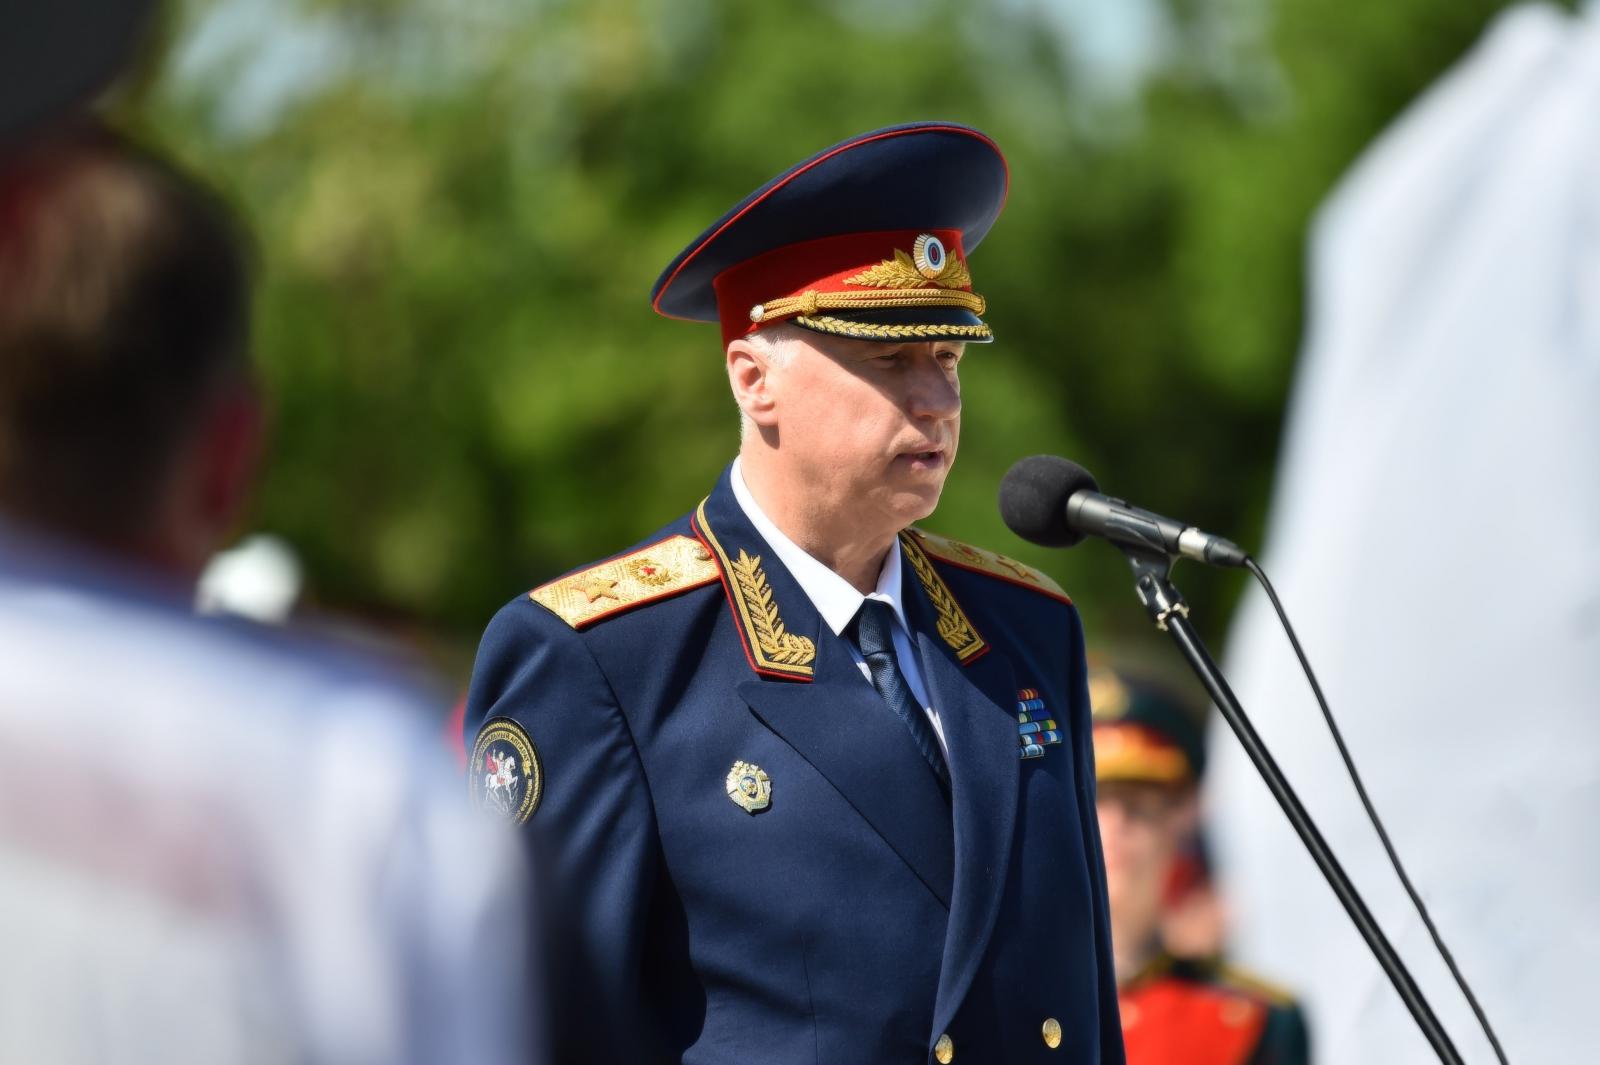 Председатель СКР посетил с рабочим визитом Краснодарский край